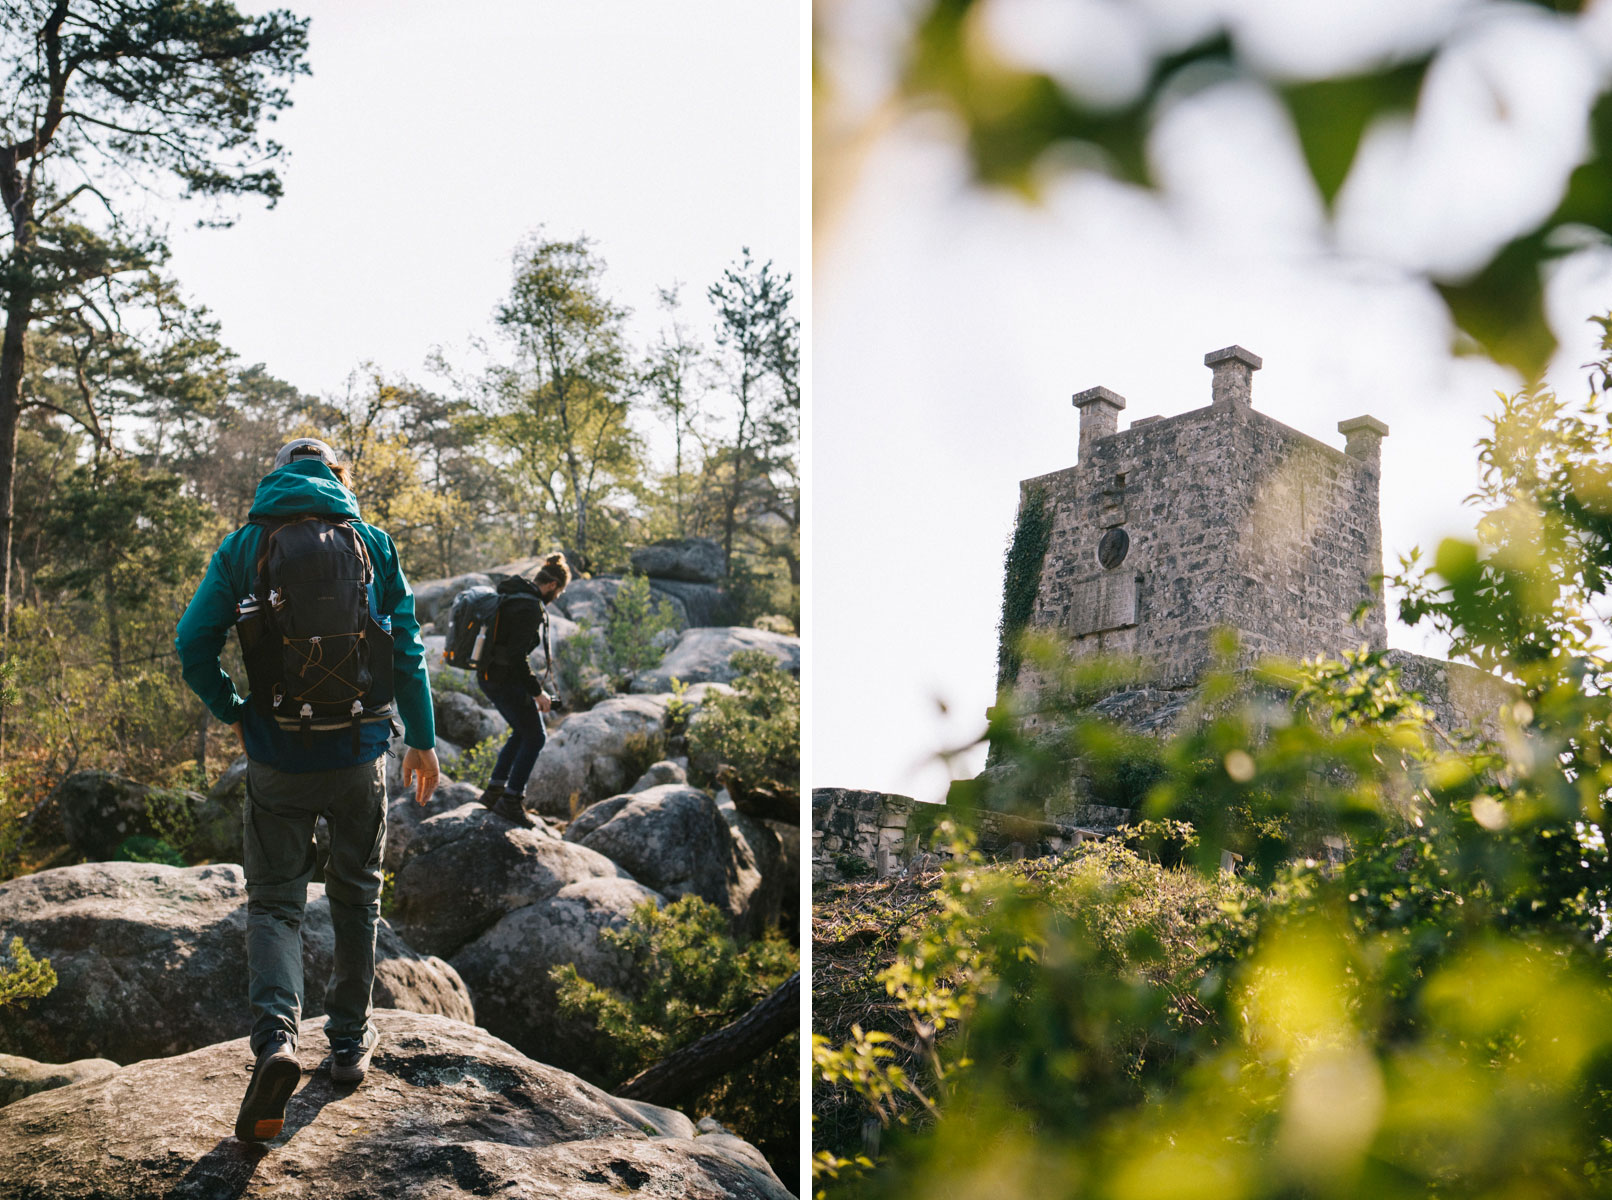 La tour de denon court sur le sentier du même nom dans la forêt de fontainebleau